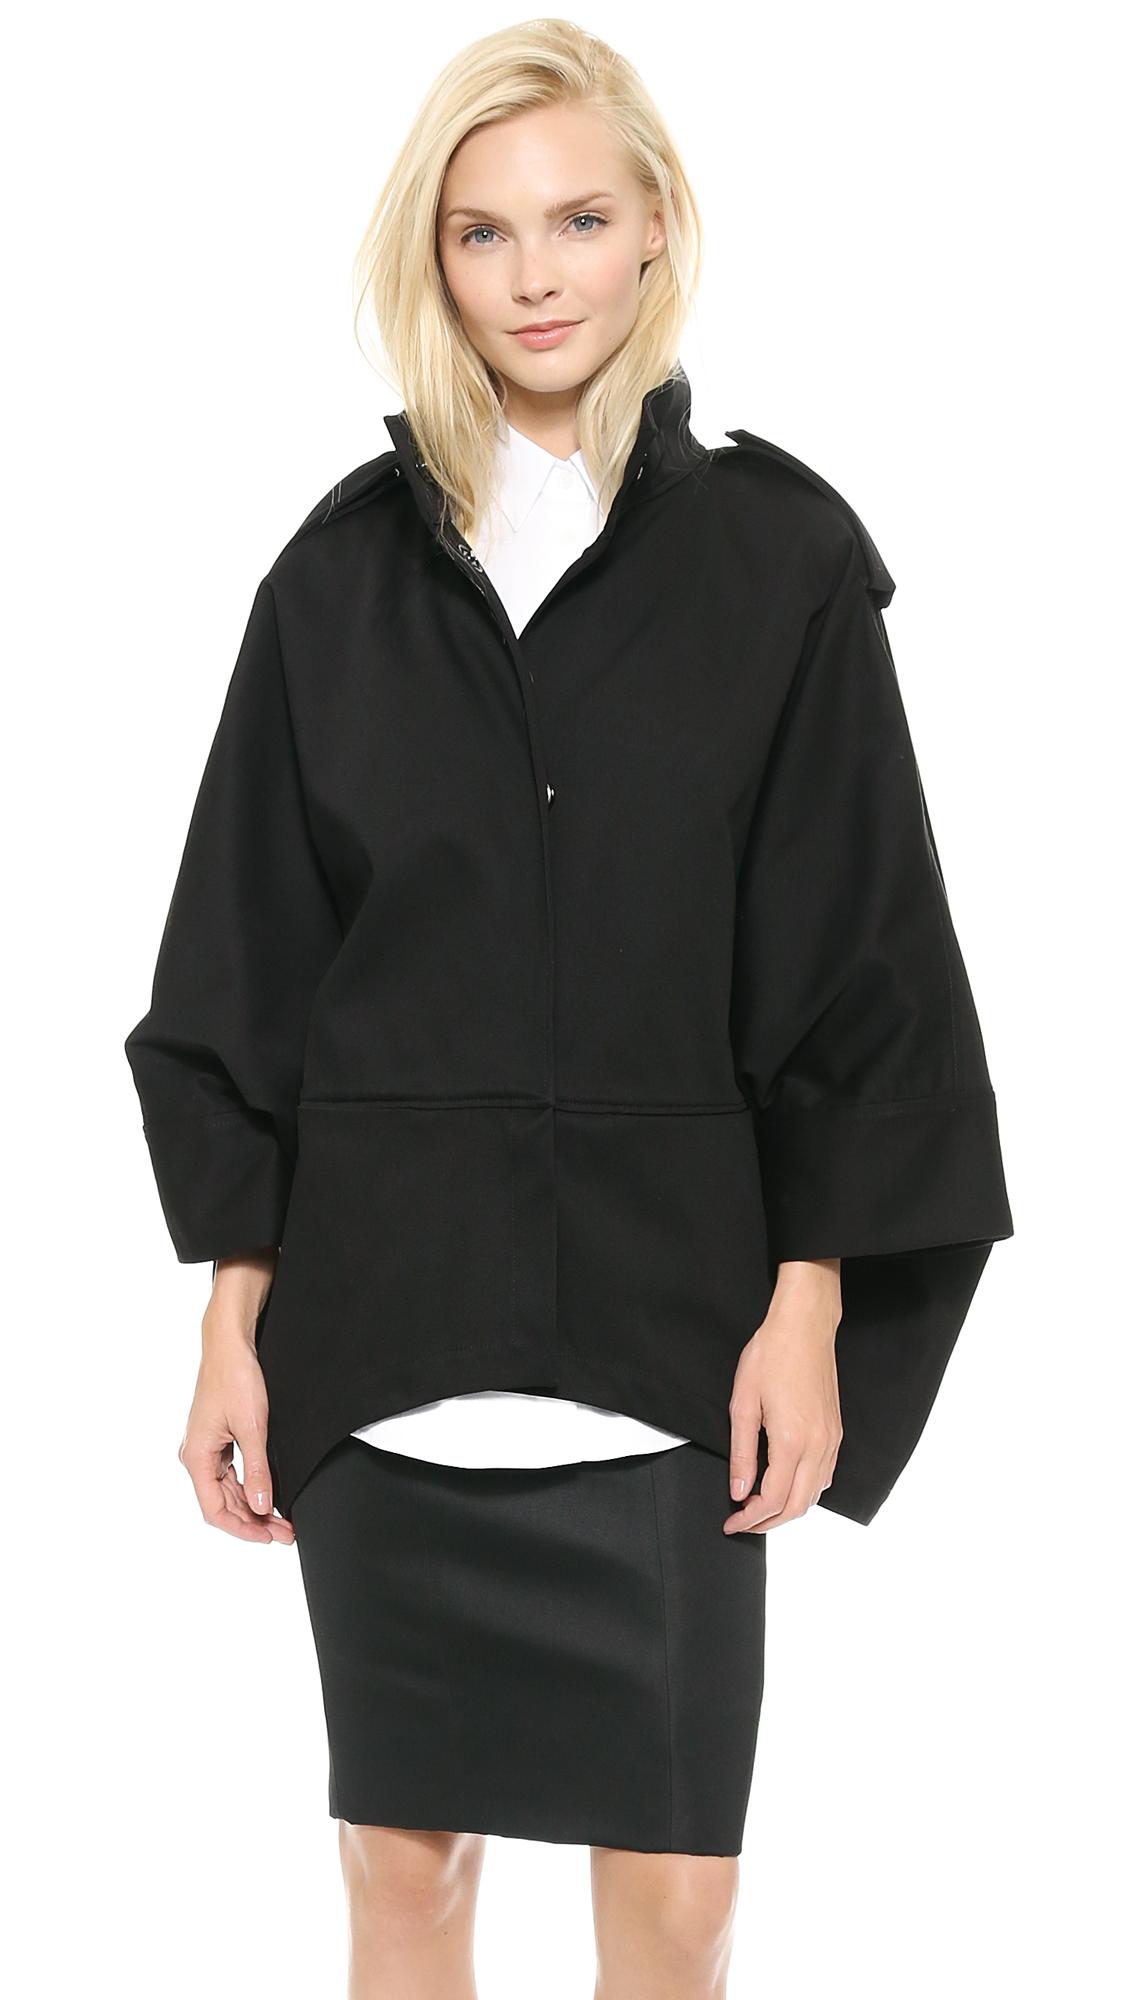 Acne Ezra Short Cape Coat - Black in Black | Lyst